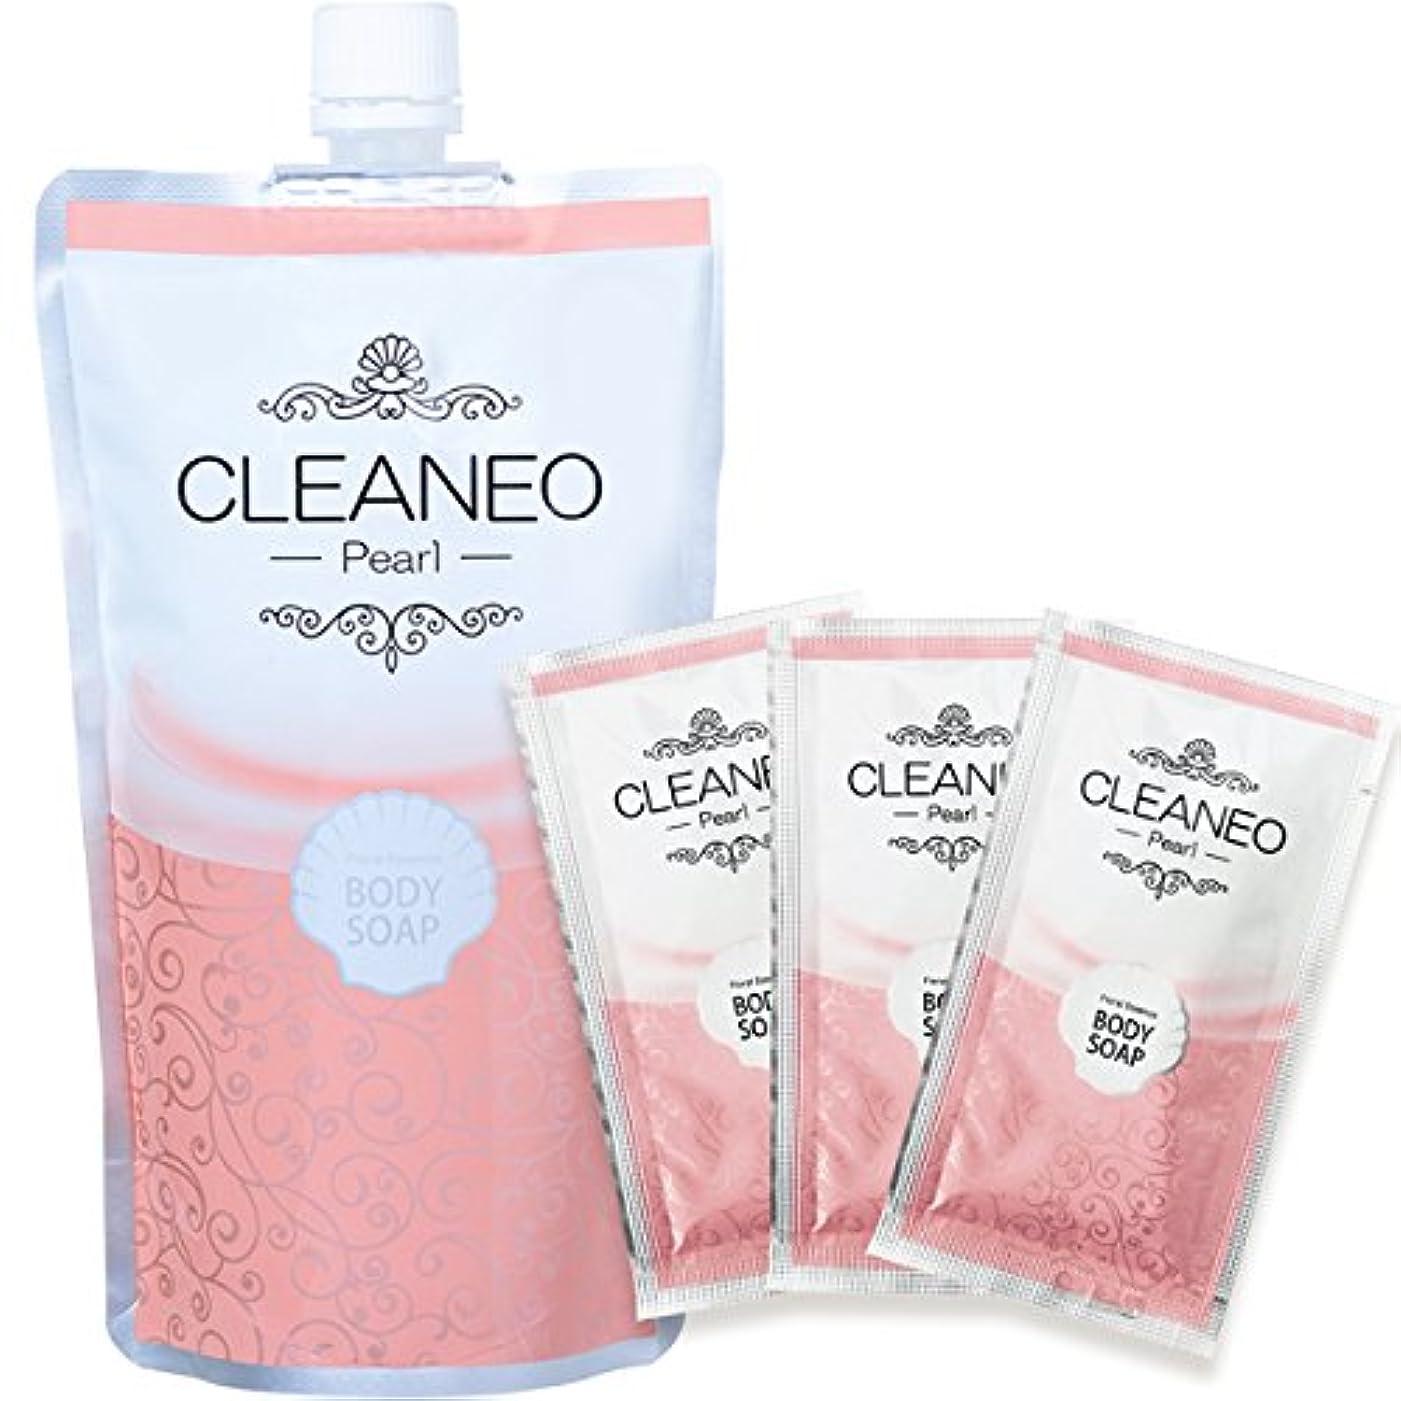 新しい意味ベンチャー突撃クリアネオ公式(CLEANEO) パール オーガニックボディソープ?透明感のある美肌へ 詰替300ml + パールパウチセット